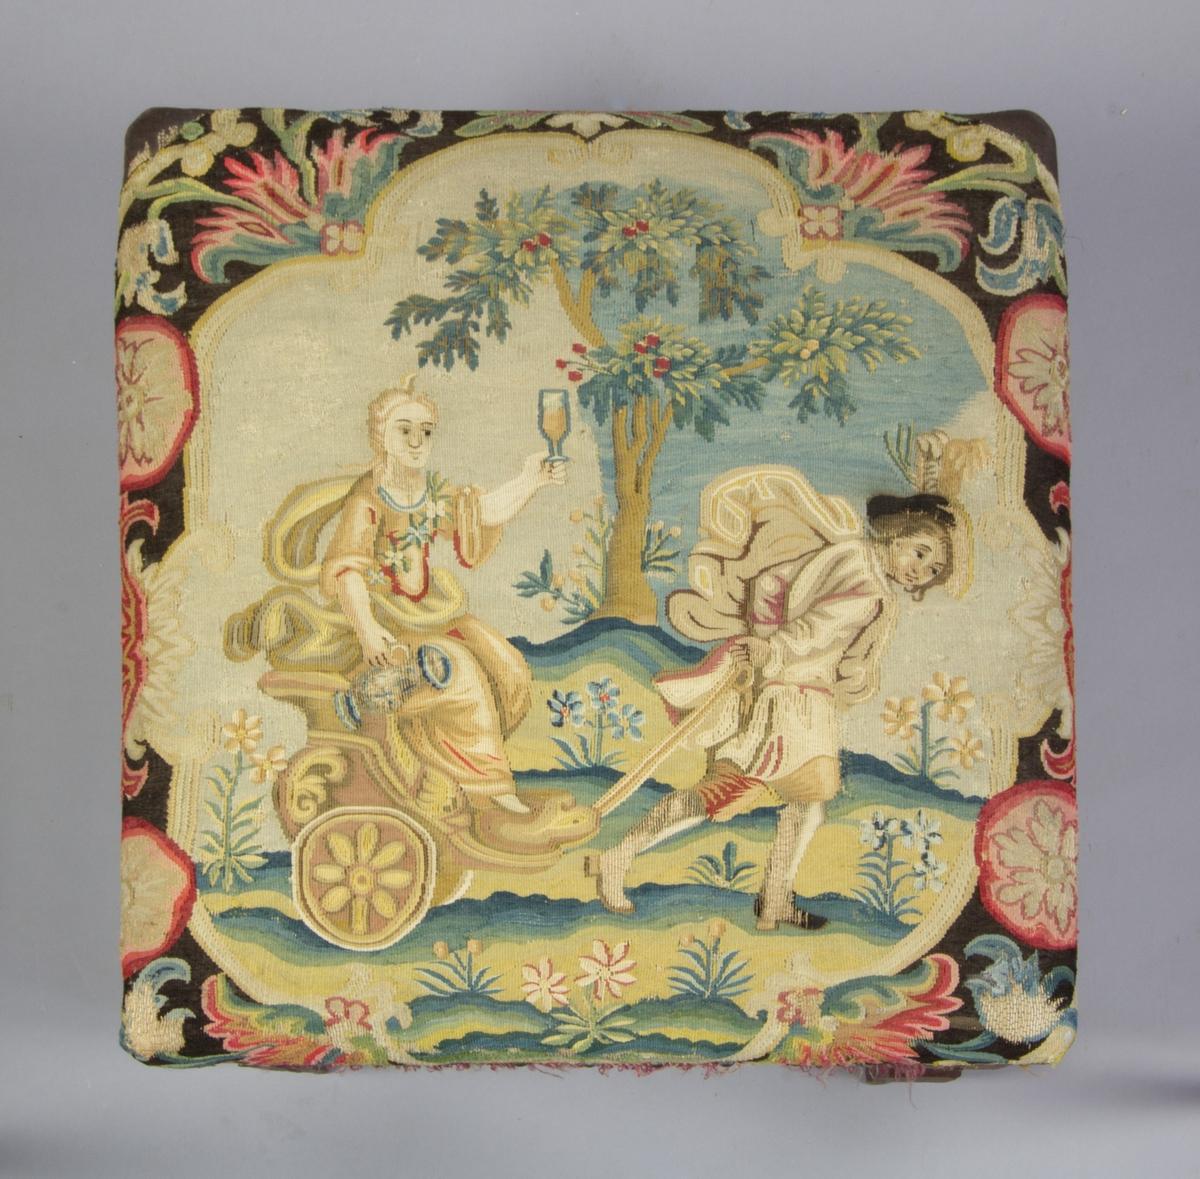 Stolsbeklädnad från 1700-talets början, flamskväv (gobelinteknik) med ullgarn och silkegarn i många färger på lingarnsvarp. Motiv: man med hatt drar en liten kärra i vilken sitter en finklädd kvinna. Hon håller i ett vinglas och en kanna. I bakgrunden ett träd med frukter, på marken blommor. Bård med blomsterornament. Enligt NM:s bedömning är motivet troligen efter Le Brun och kan eventuellt vara en fruktbarhetsgudinna.  Monterad på taburett, SKANM.0186097 B.